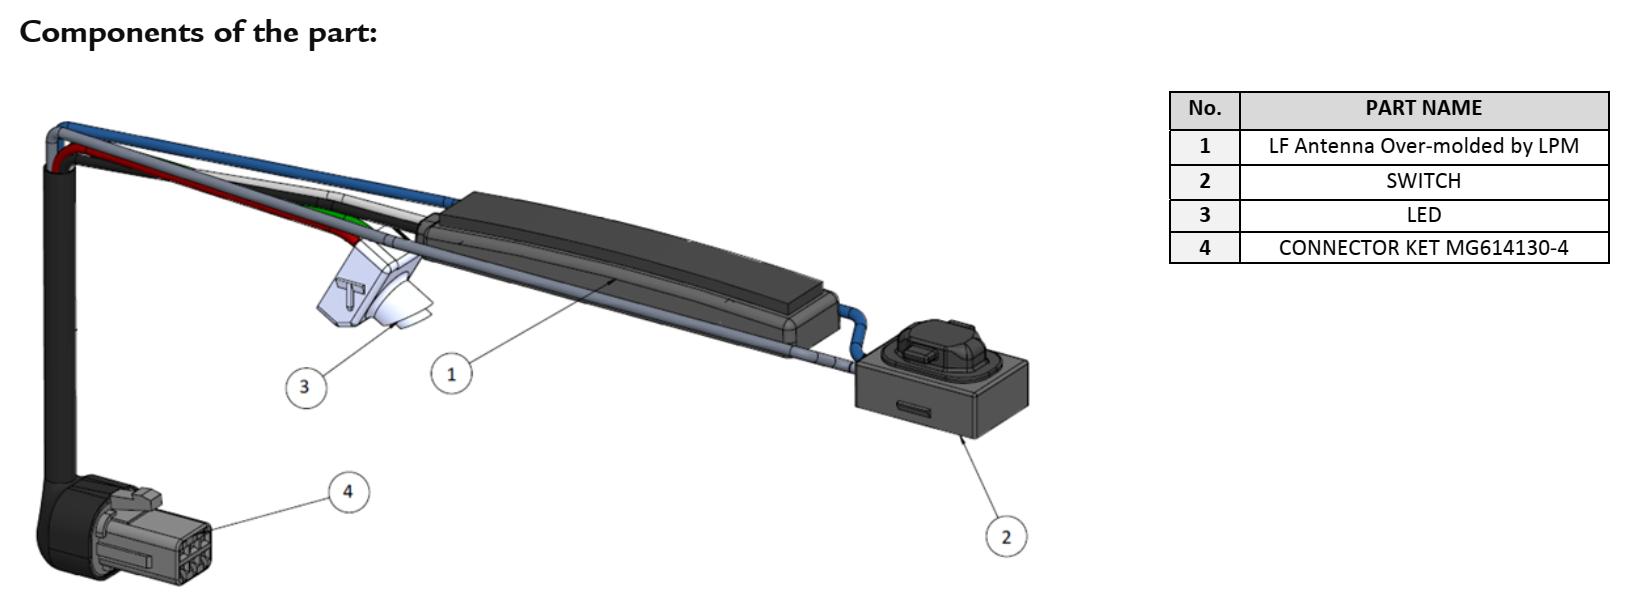 KGEA-DHSL parts